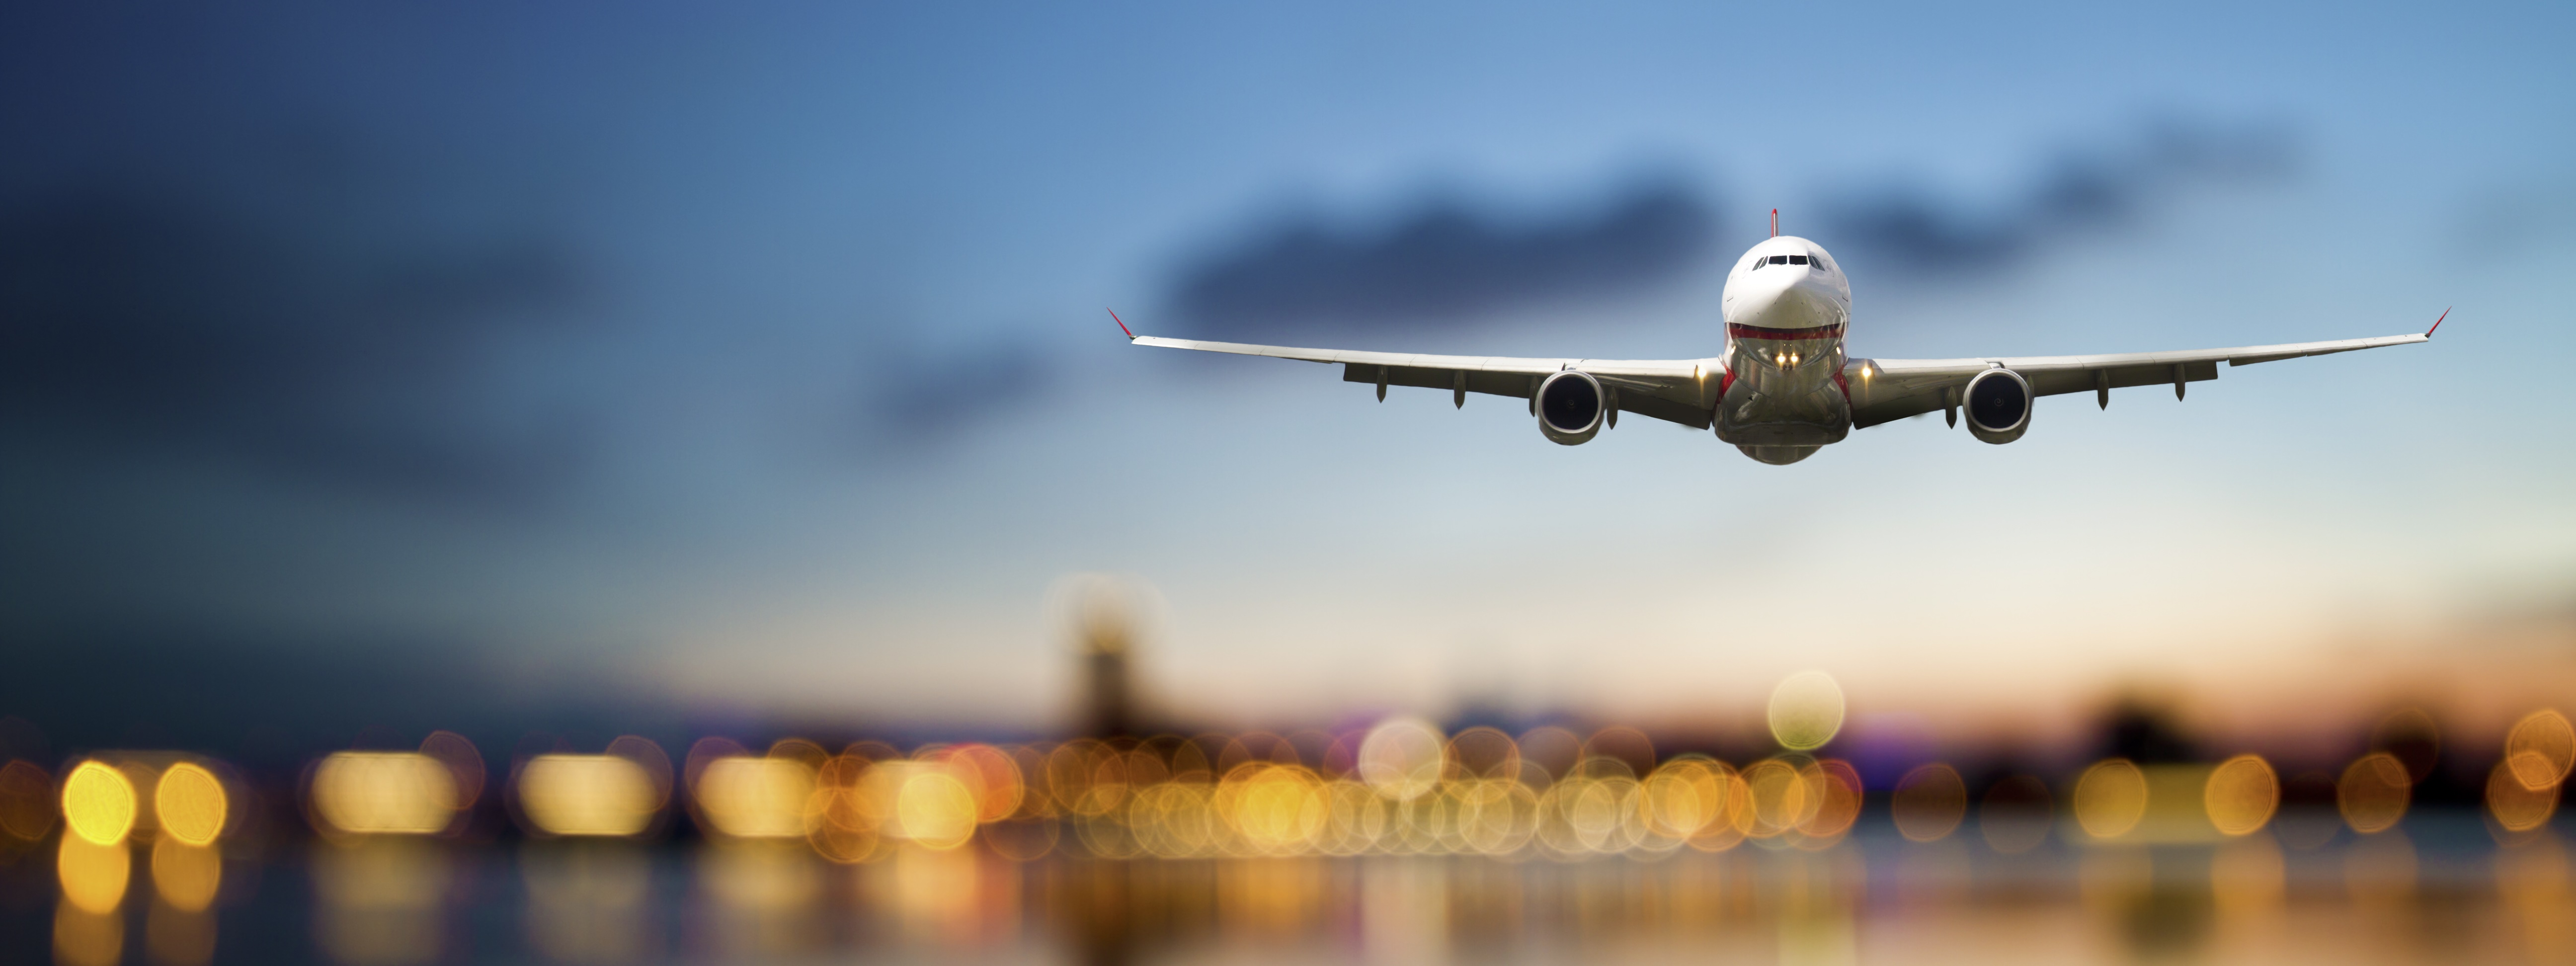 Las mejores ofertas de vuelos y billetes baratos goeuro for Viajes baratos paris barcelona